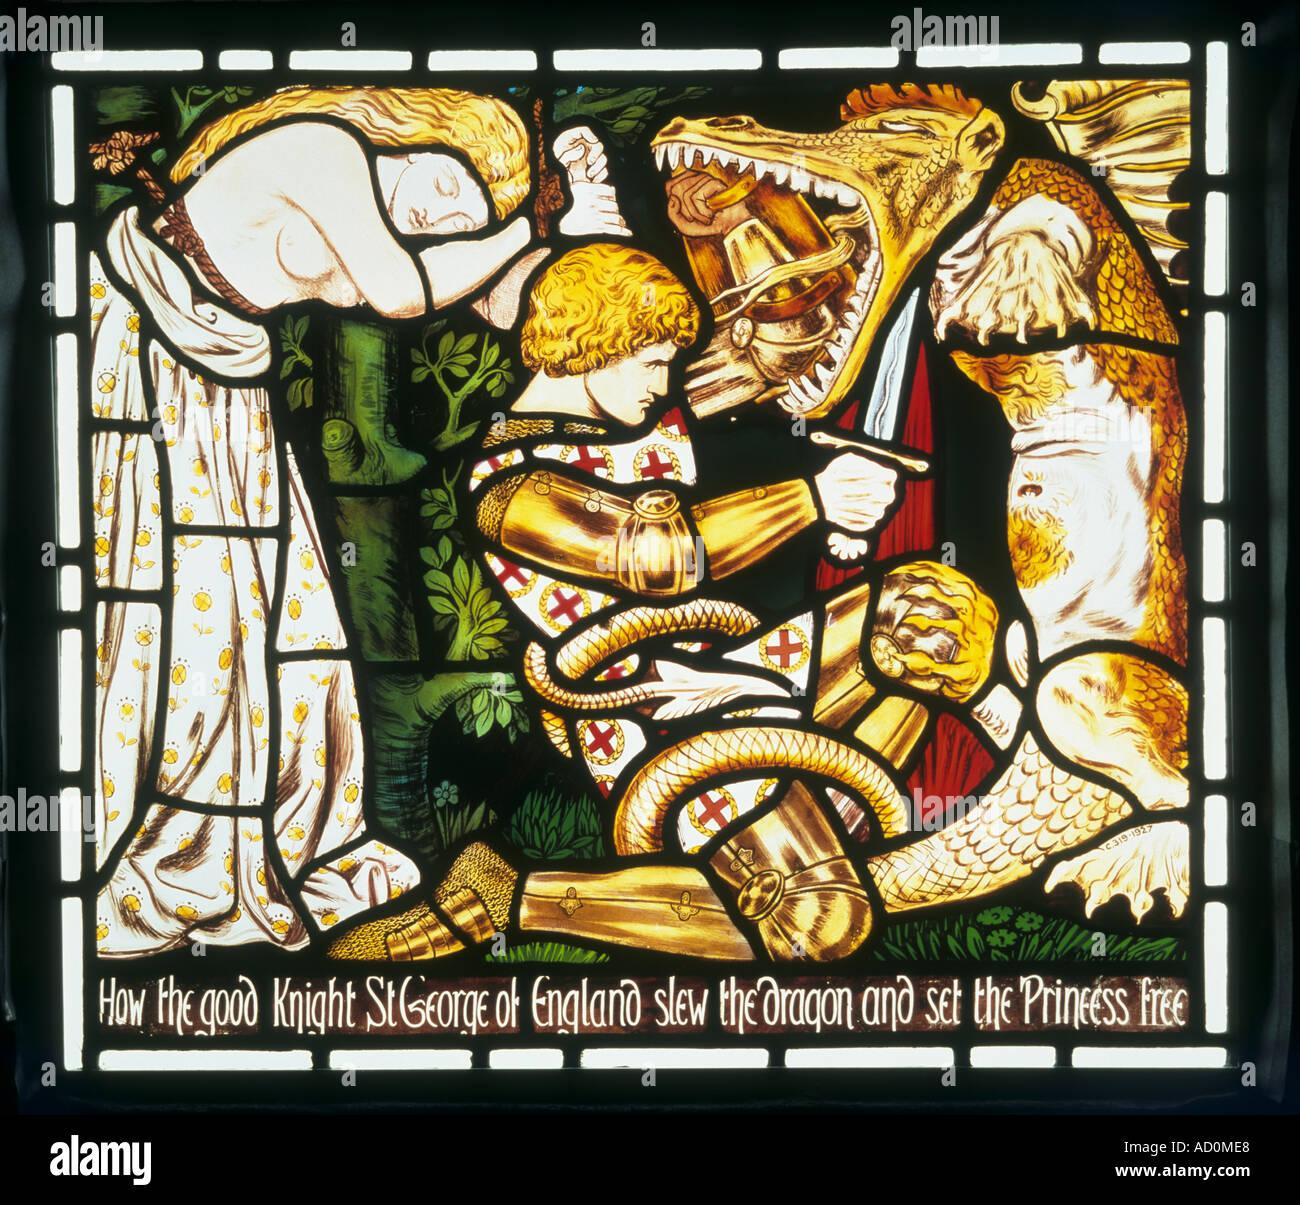 La leggenda di San Giorgio da Dante Gabriel Rossetti. Inghilterra, fine del XIX secolo. Immagini Stock